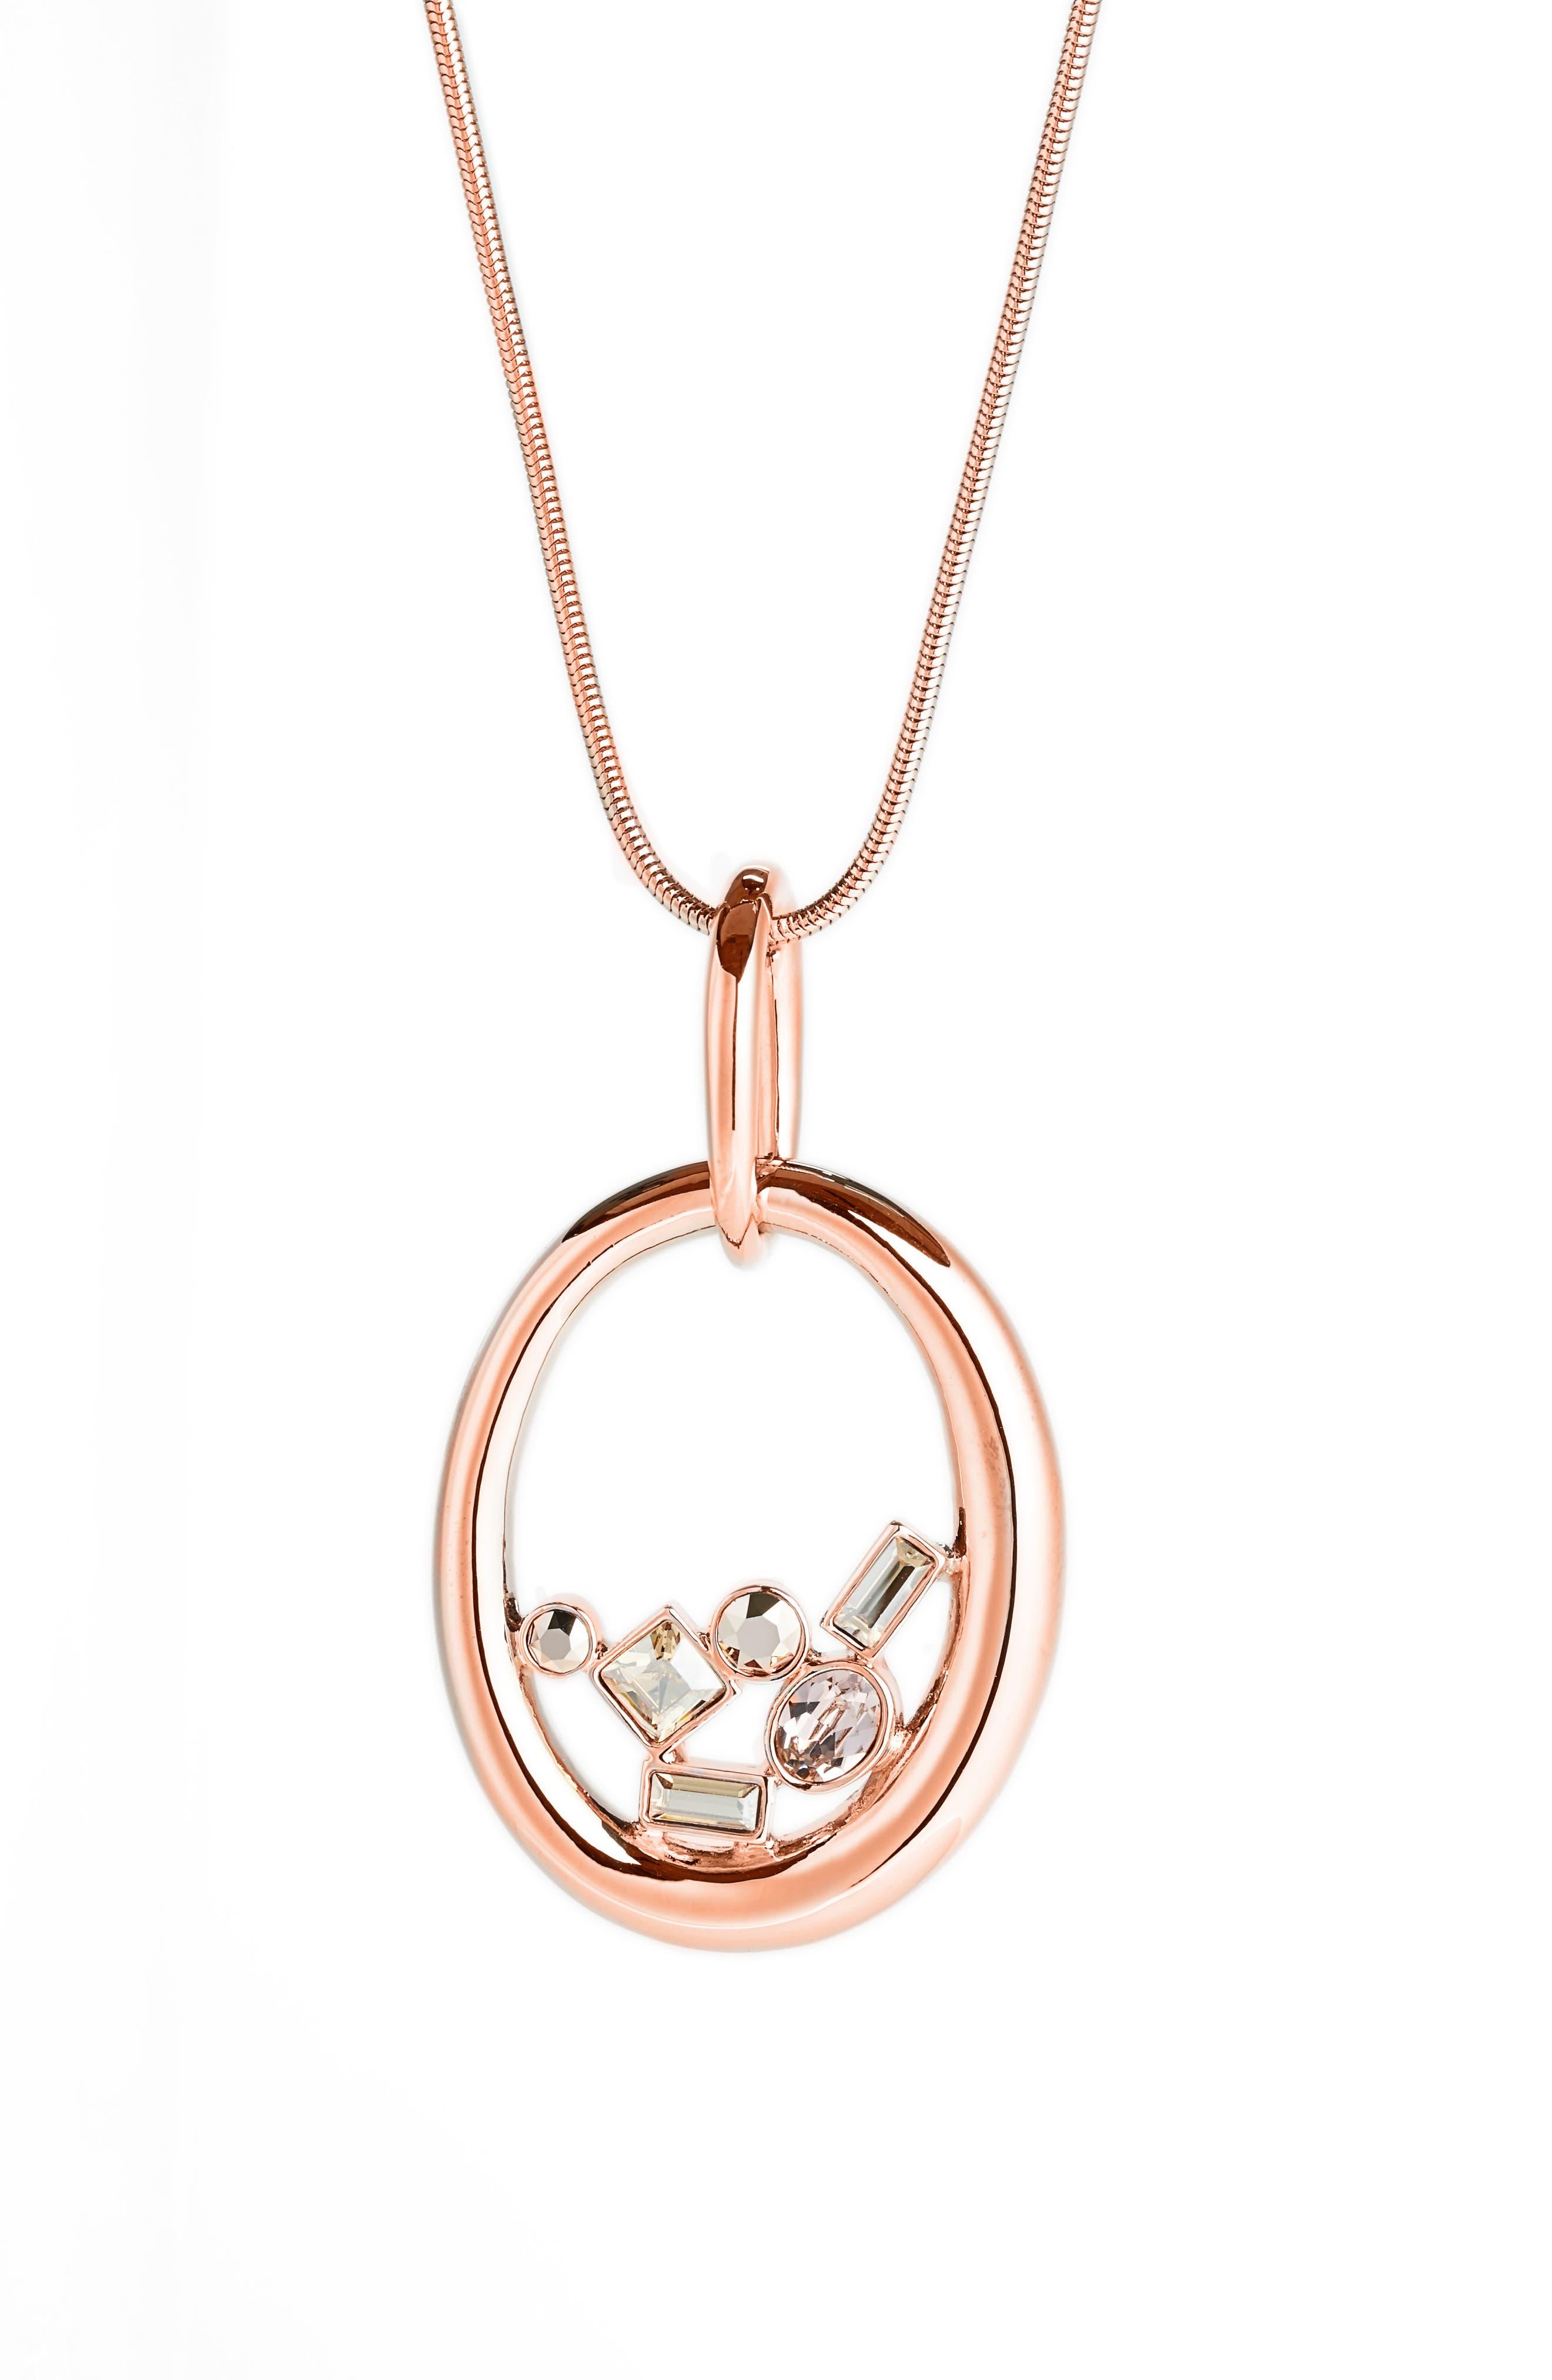 Swarovski Crystal Oval Pendant,                         Main,                         color, CRYSTAL ROSE GOLD/ ROSE